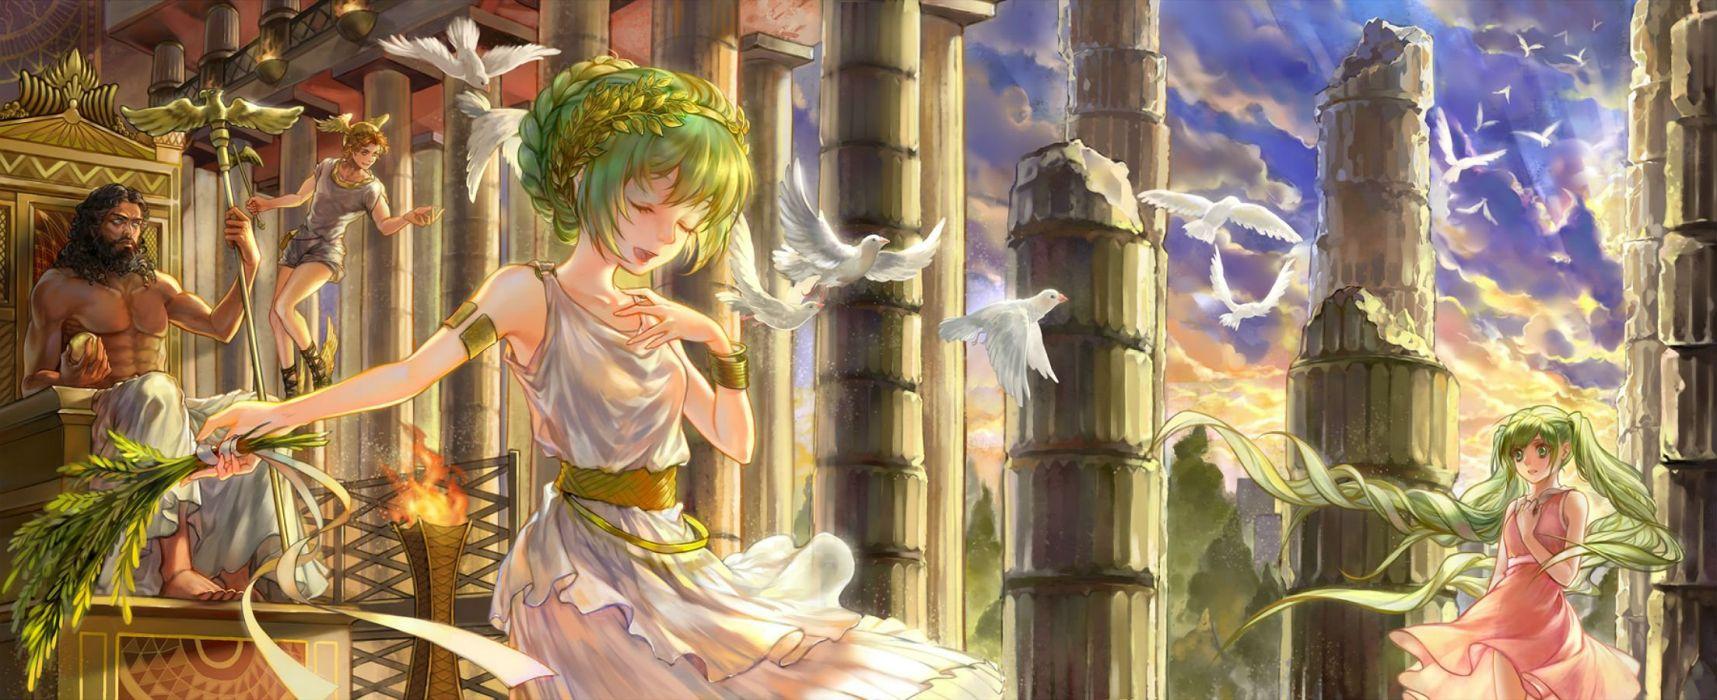 animal bird dress fenbei (relear) green hair hatsune miku vocaloid wallpaper